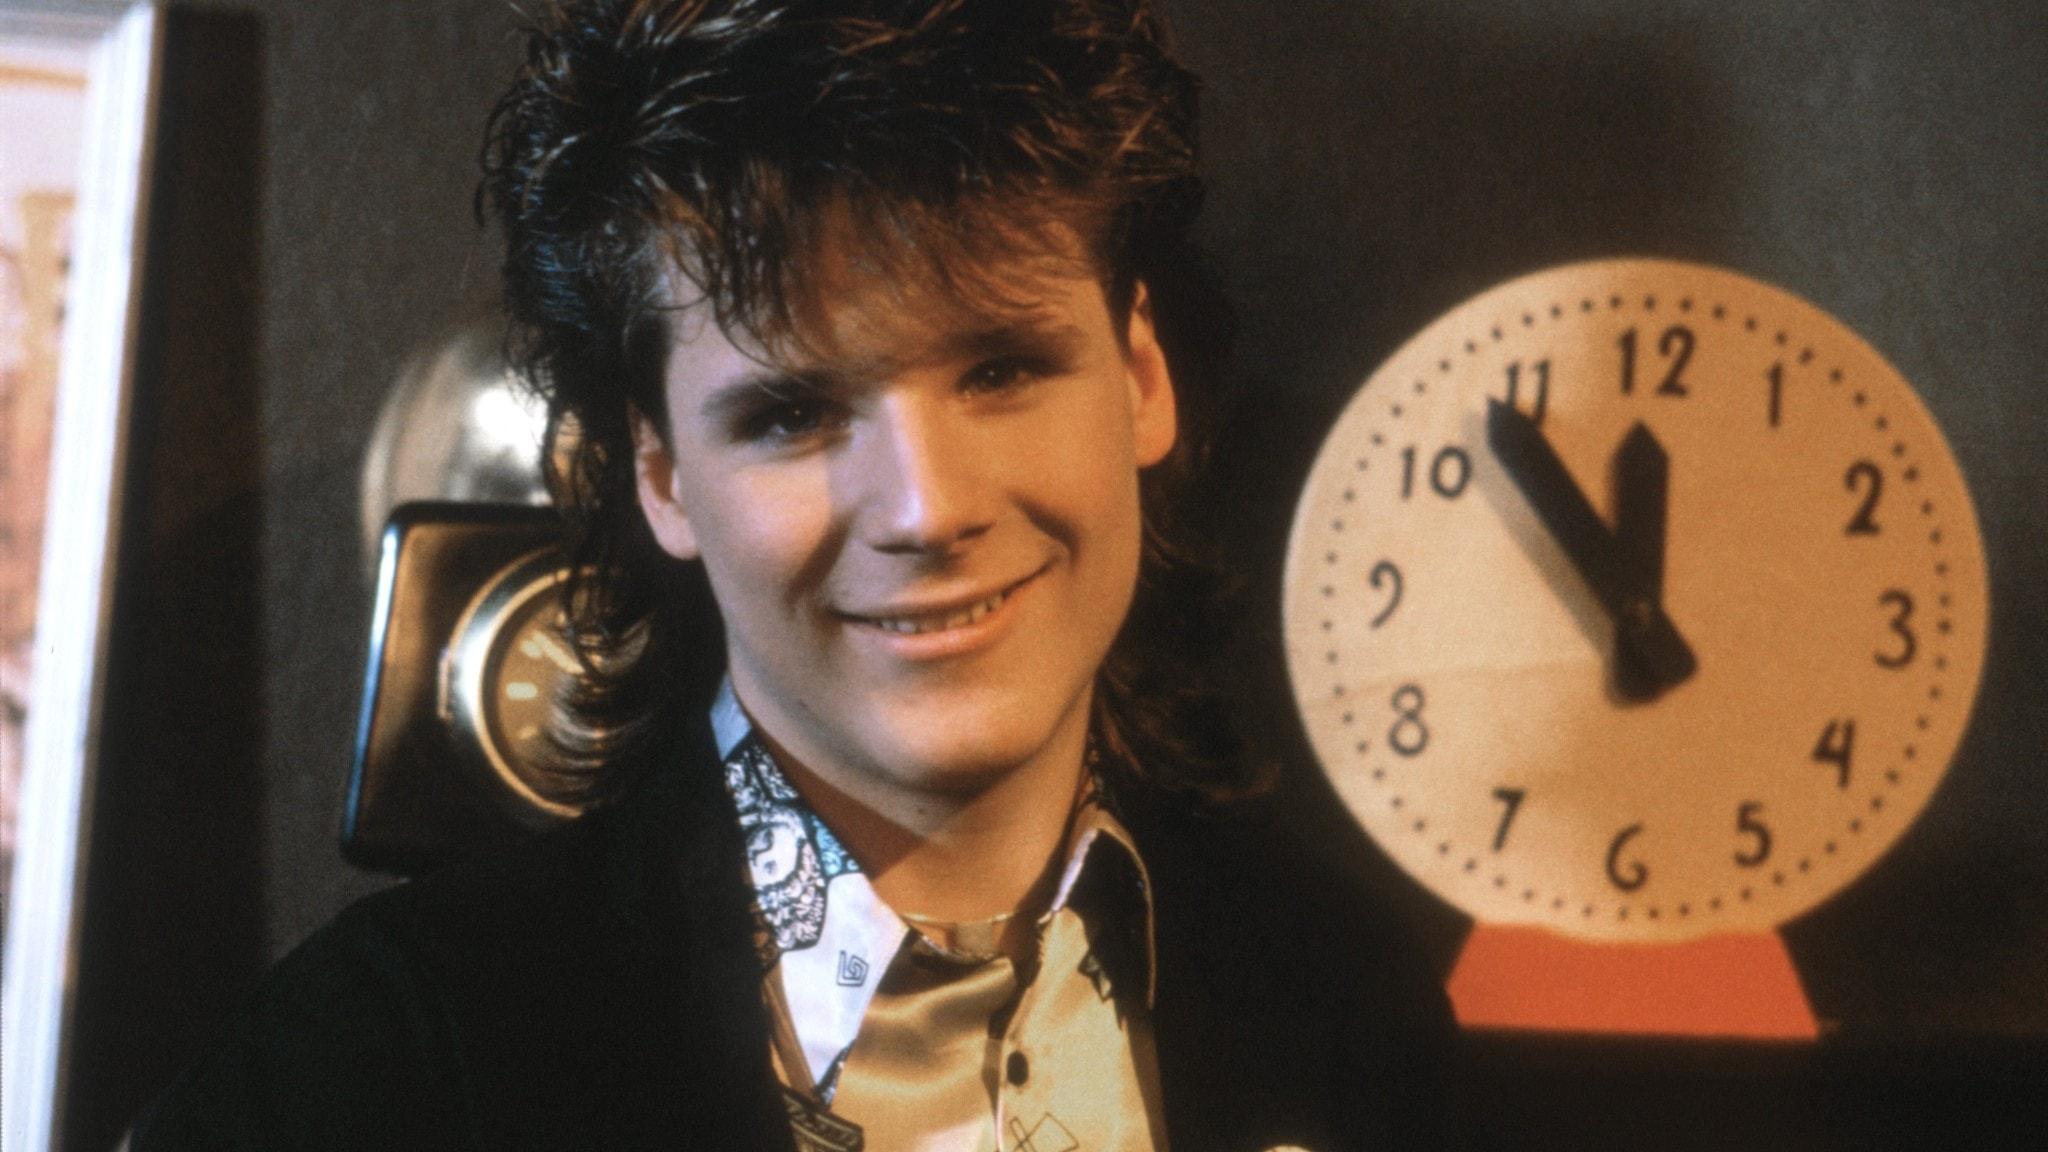 En ung Fredrik Willstrand synd jämte en klocka som visar fem i tolv. I denna sändning sjunger dock Fredrik om Susanne.